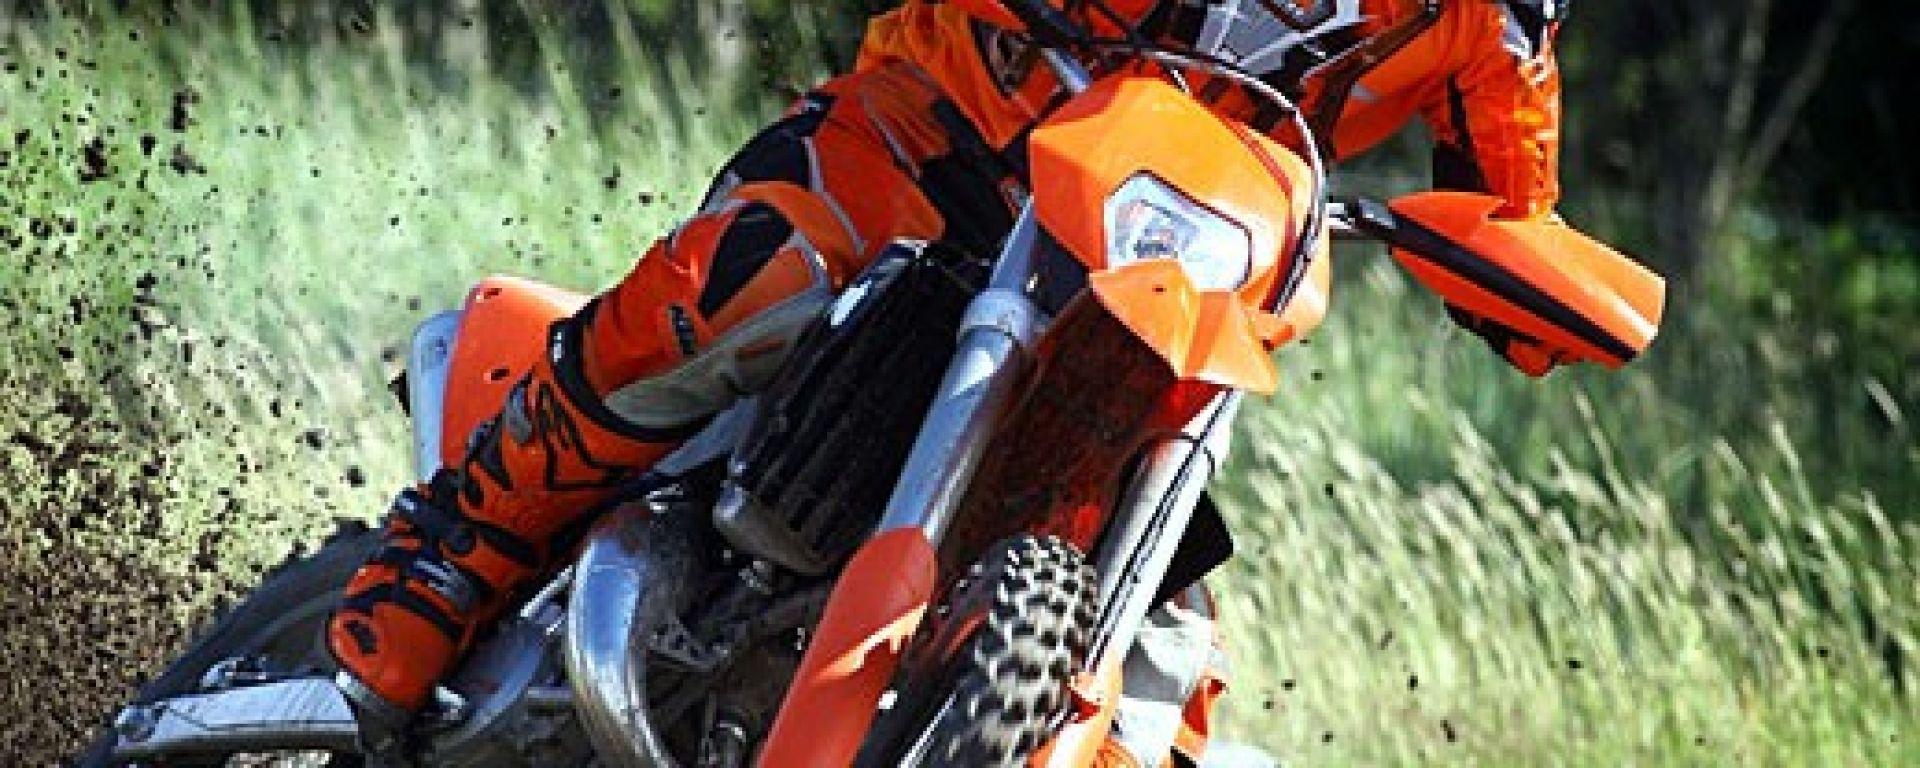 KTM Off Road 2009